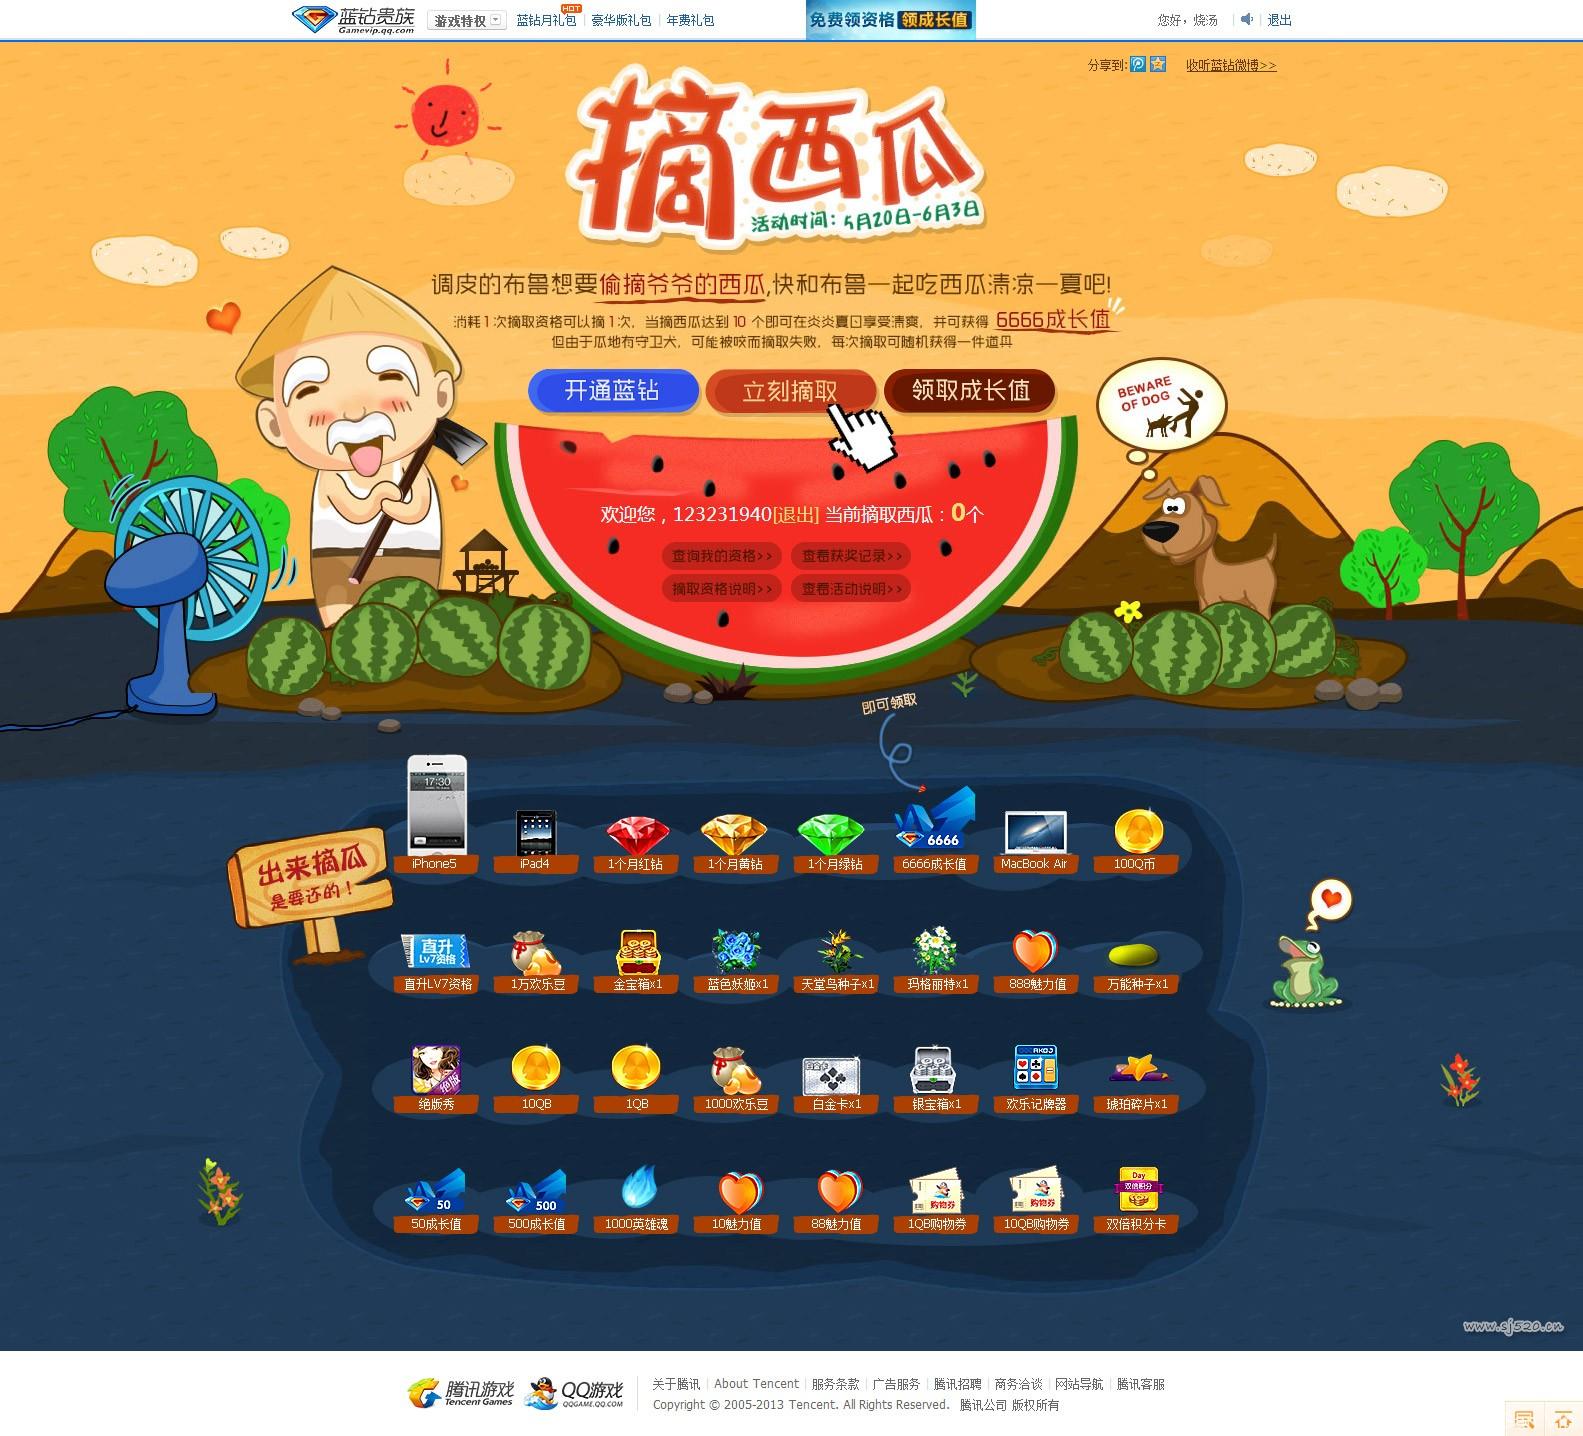 夏日清爽海报游戏网站界面设计摘西瓜